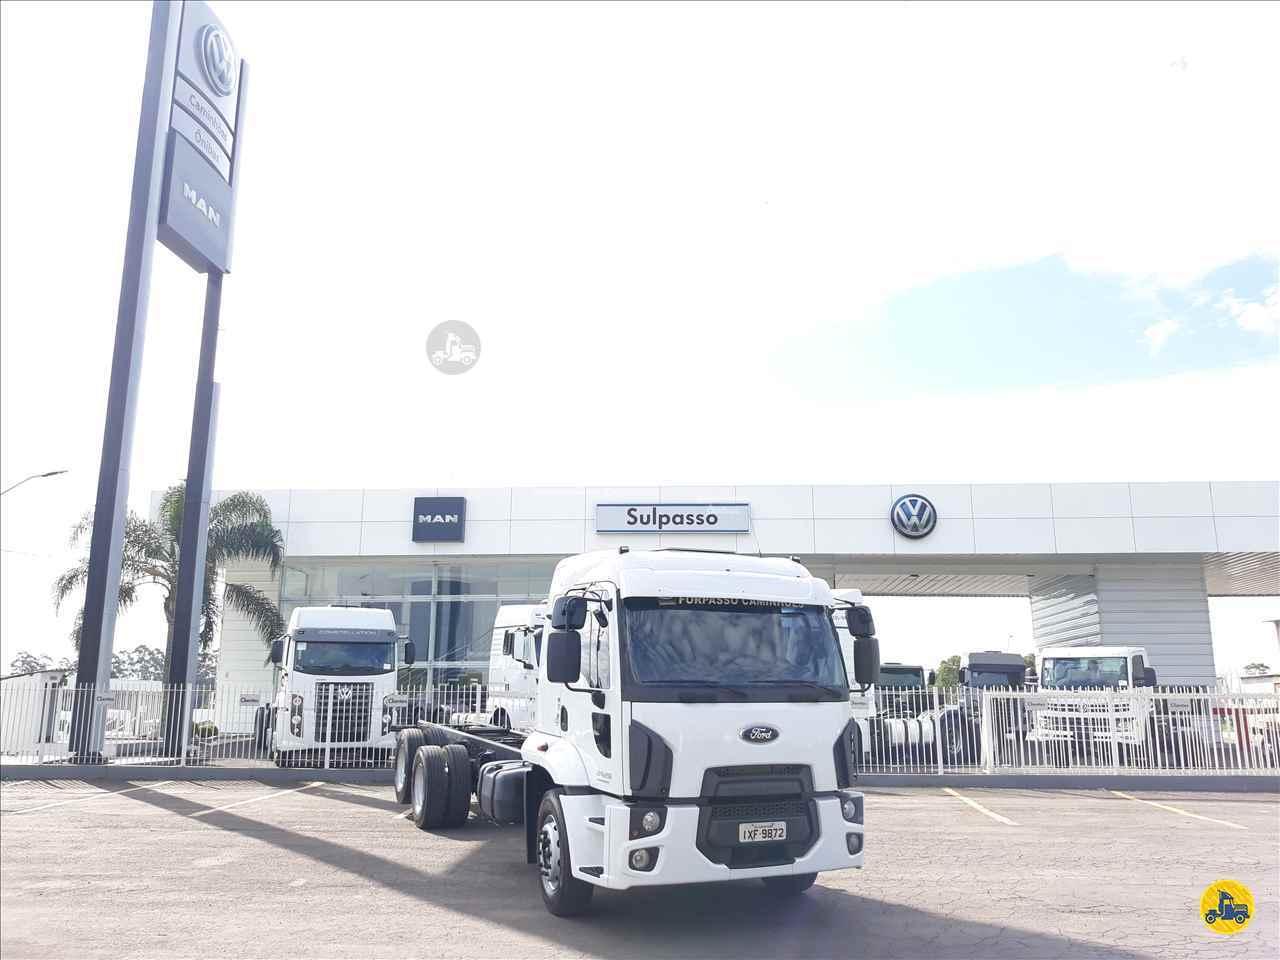 CAMINHAO FORD CARGO 2429 Chassis Truck 6x2 Sulpasso Caminhões - VW MAN PASSO FUNDO RIO GRANDE DO SUL RS